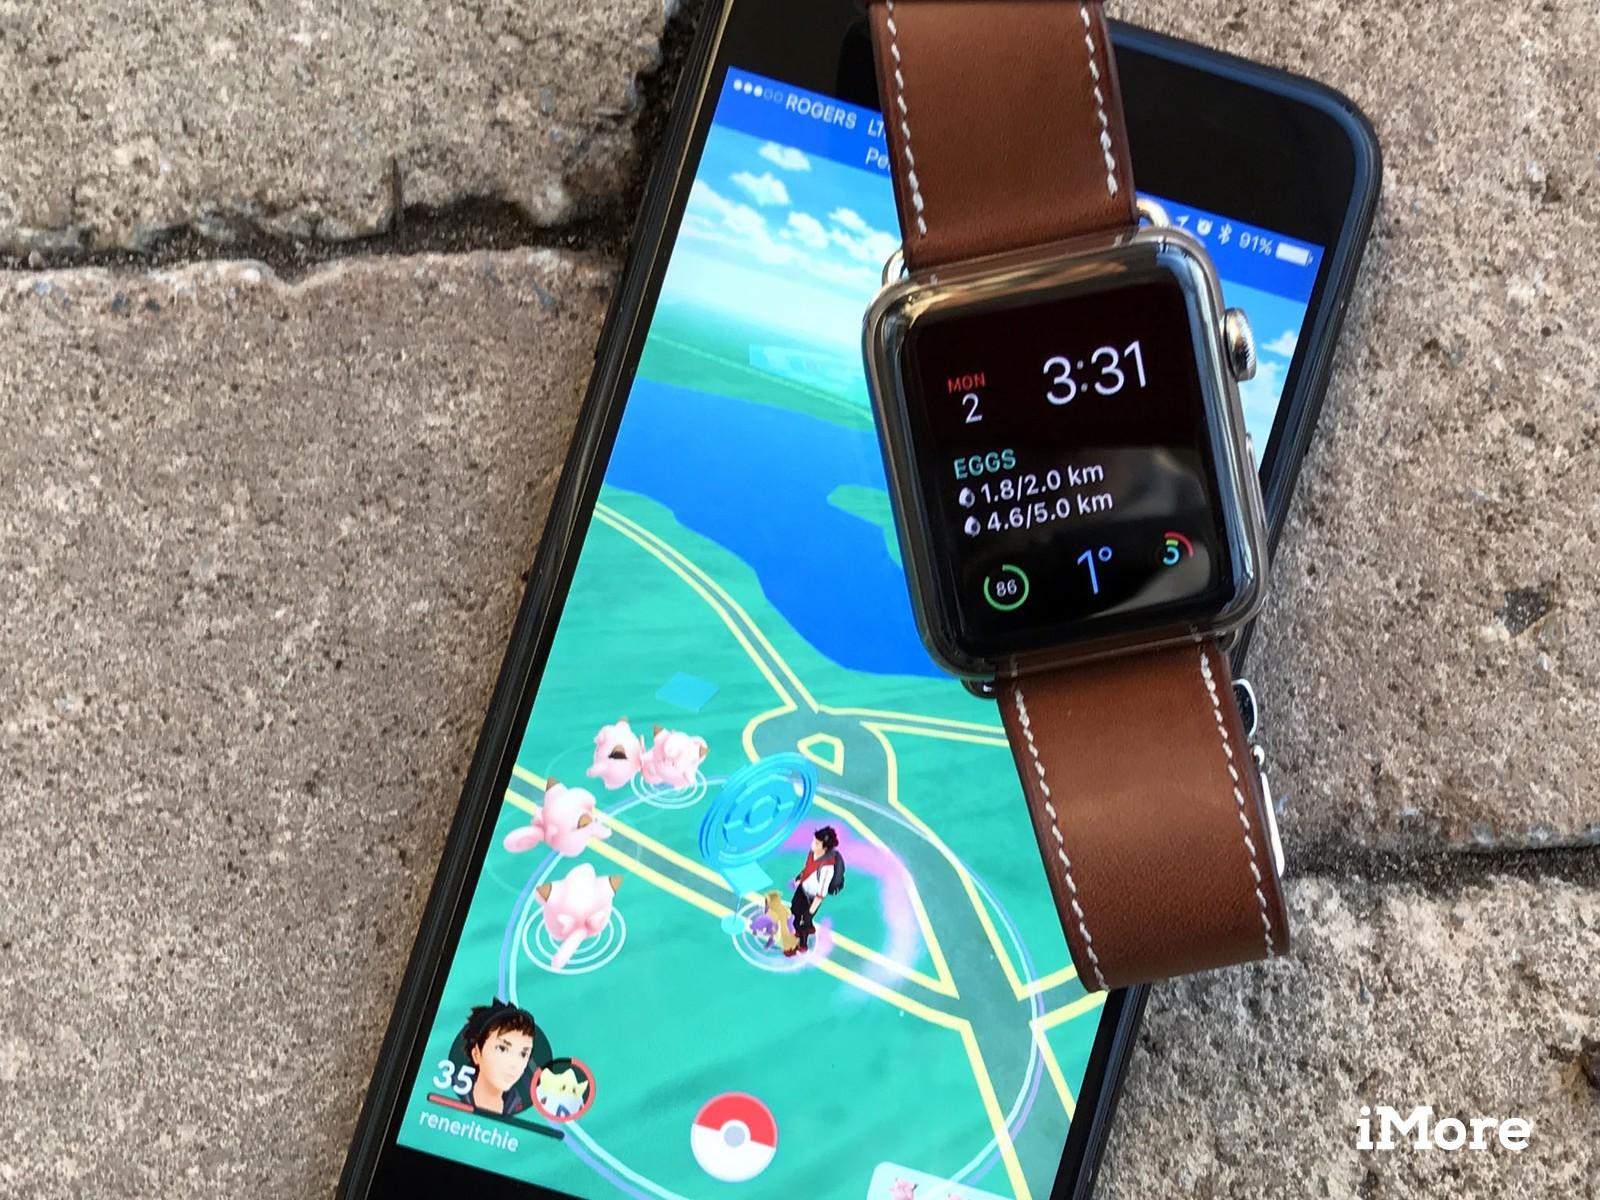 Best Apple Watch Wallpaper - Pokemon Go Watch Face , HD Wallpaper & Backgrounds